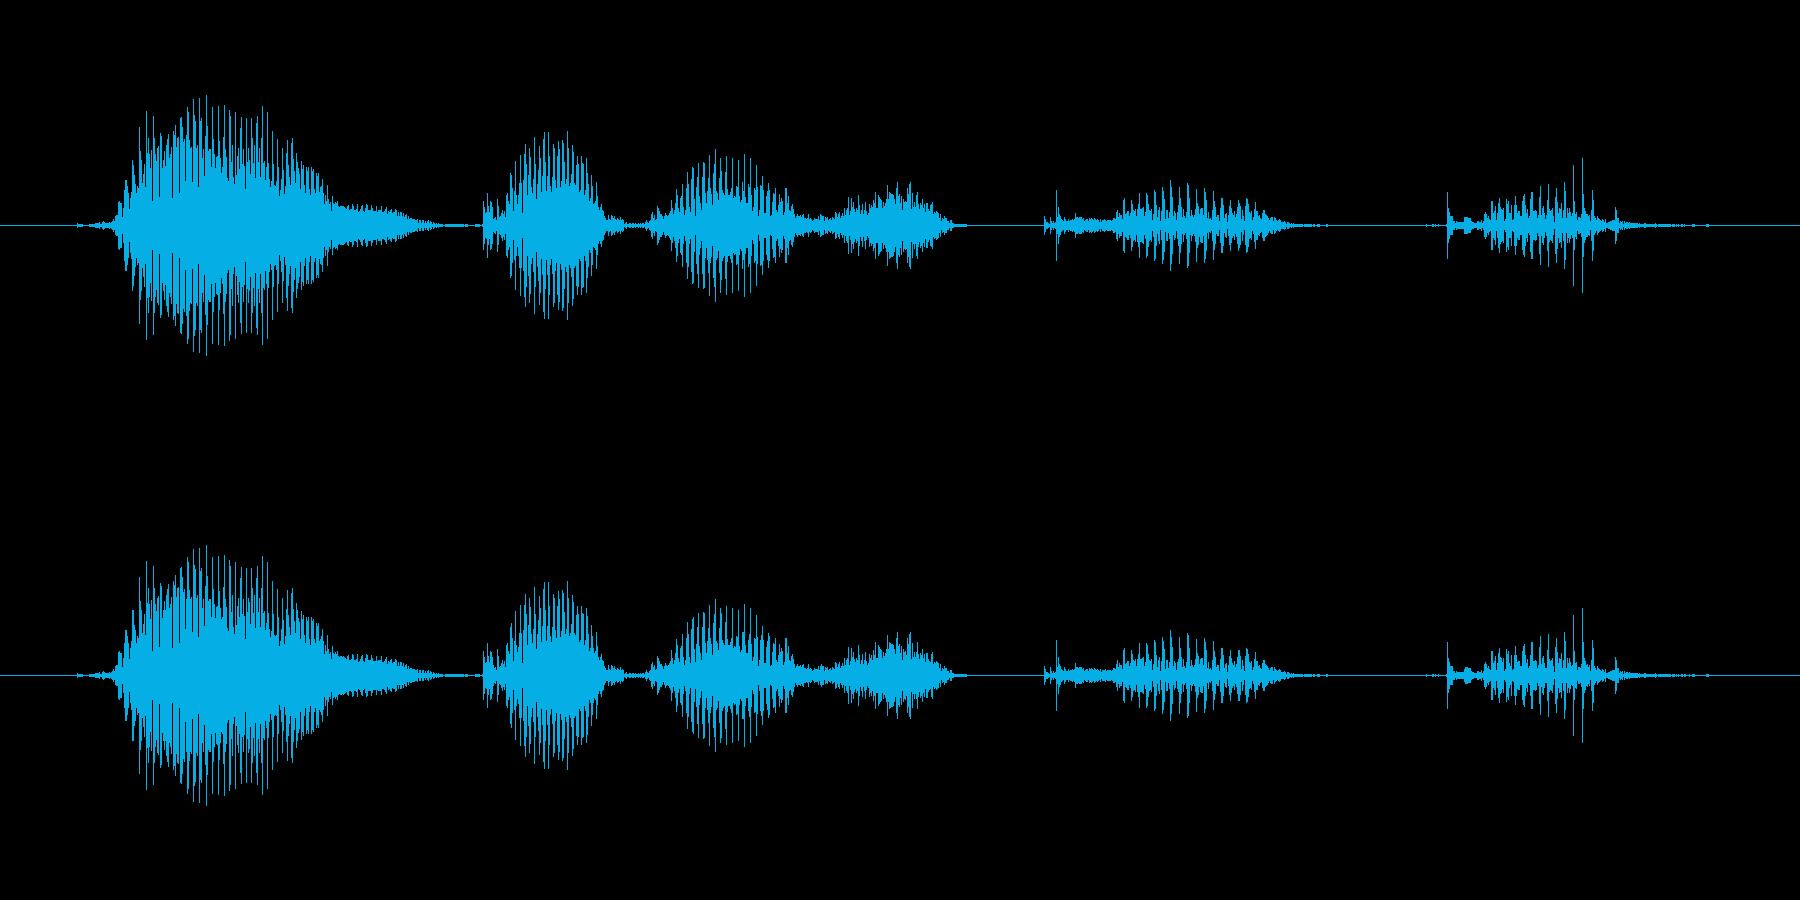 【日数・経過】4ヶ月経過の再生済みの波形